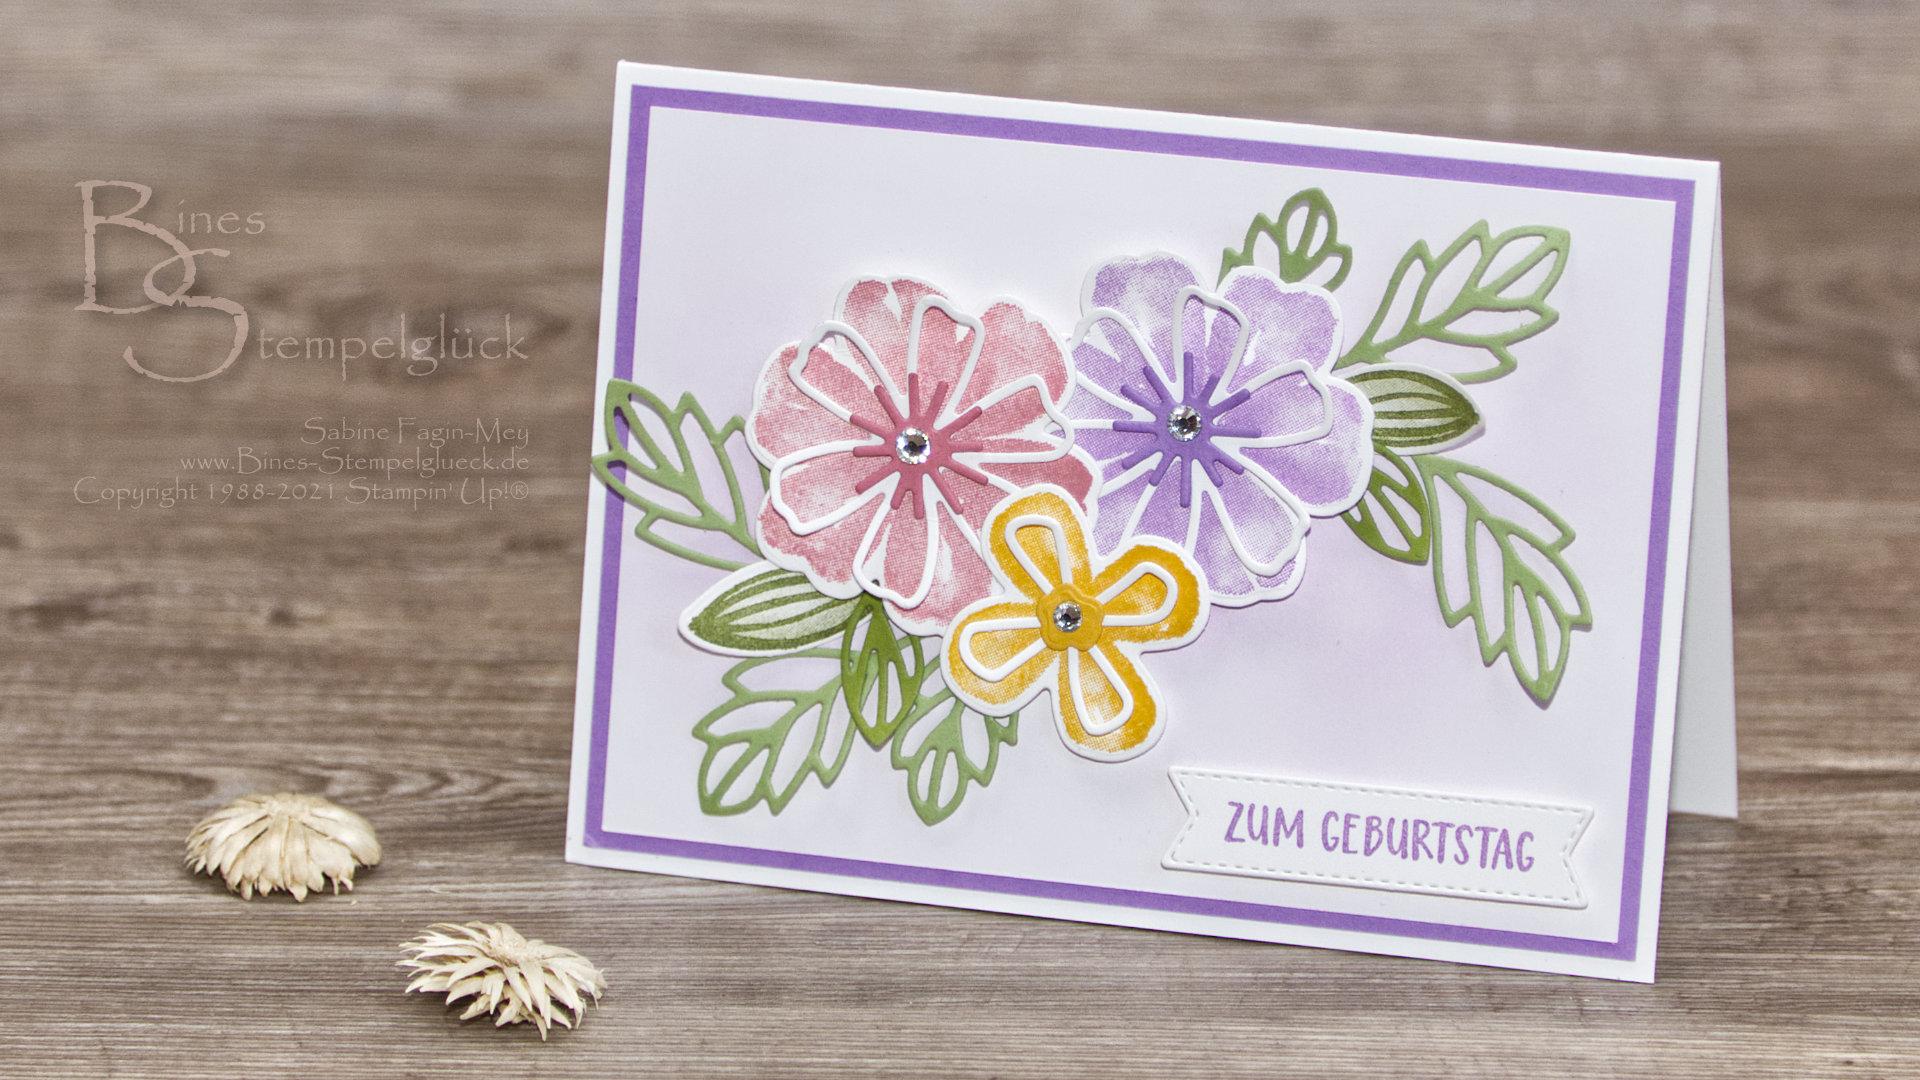 Geburtstagskarte Blumen voller Freude mit Stampin' Up!